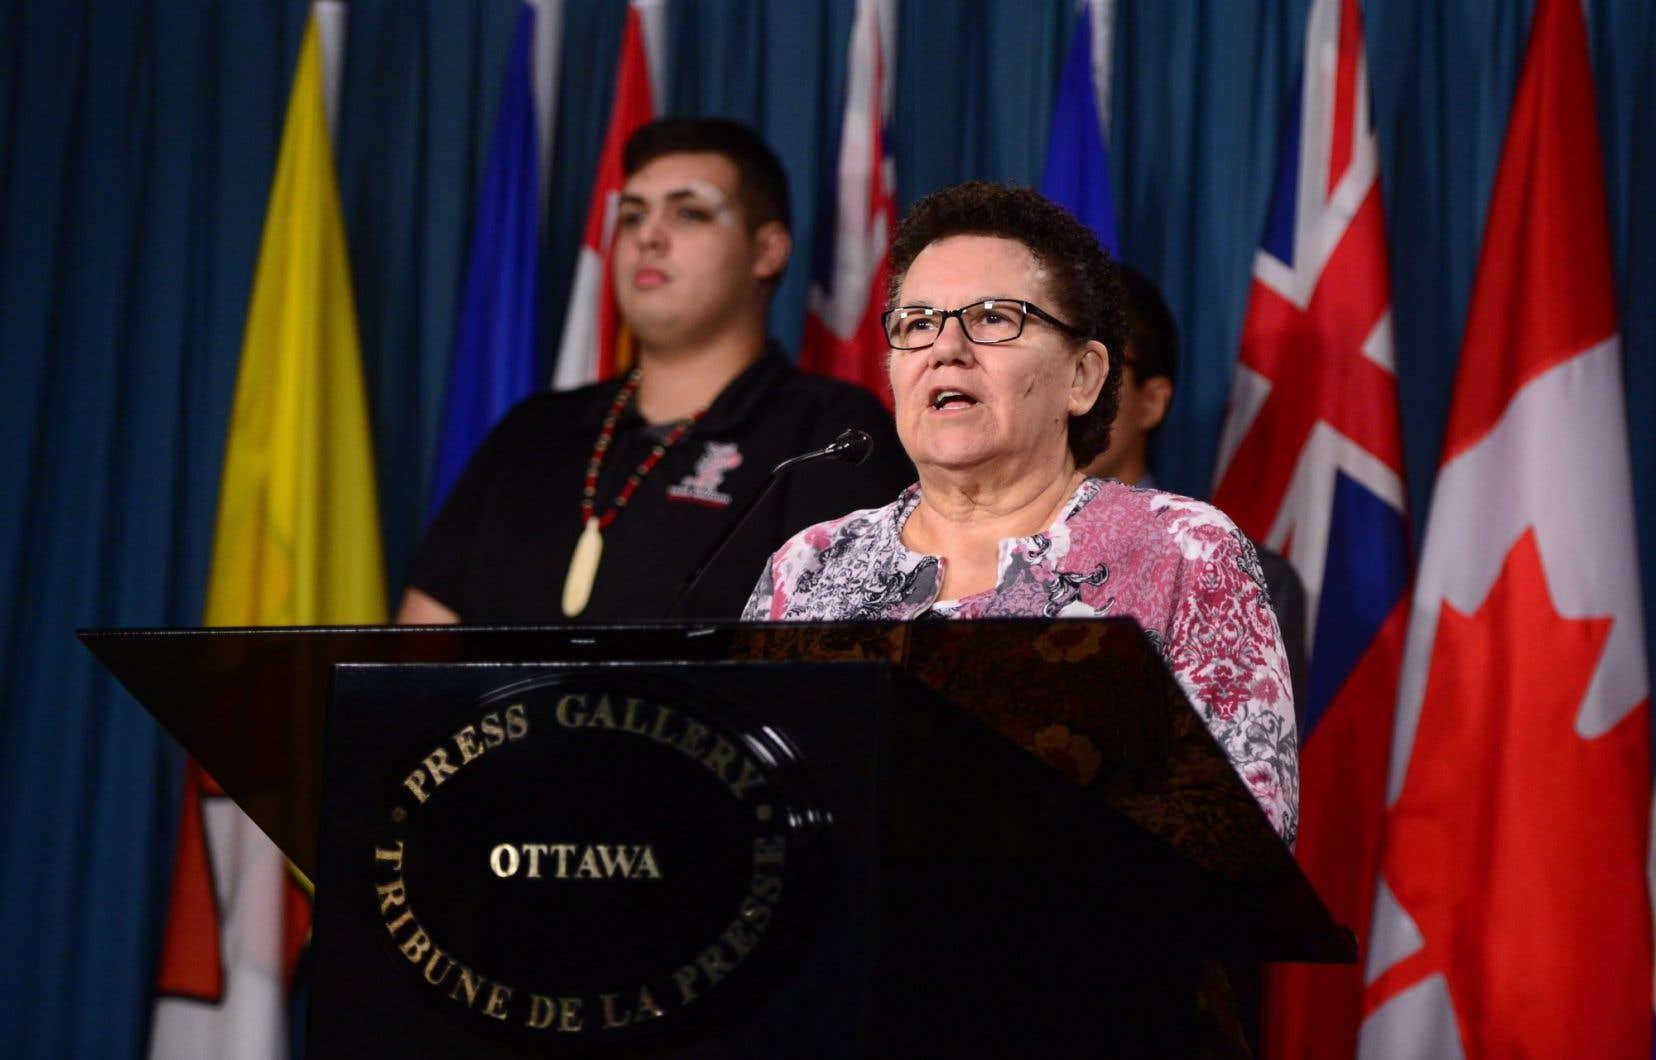 La chef Thomas a promis de poursuivre le dialogue avec Ottawa, sous une forme ou une autre, sans causer de préjudices au reste du Canada ou aux individus.